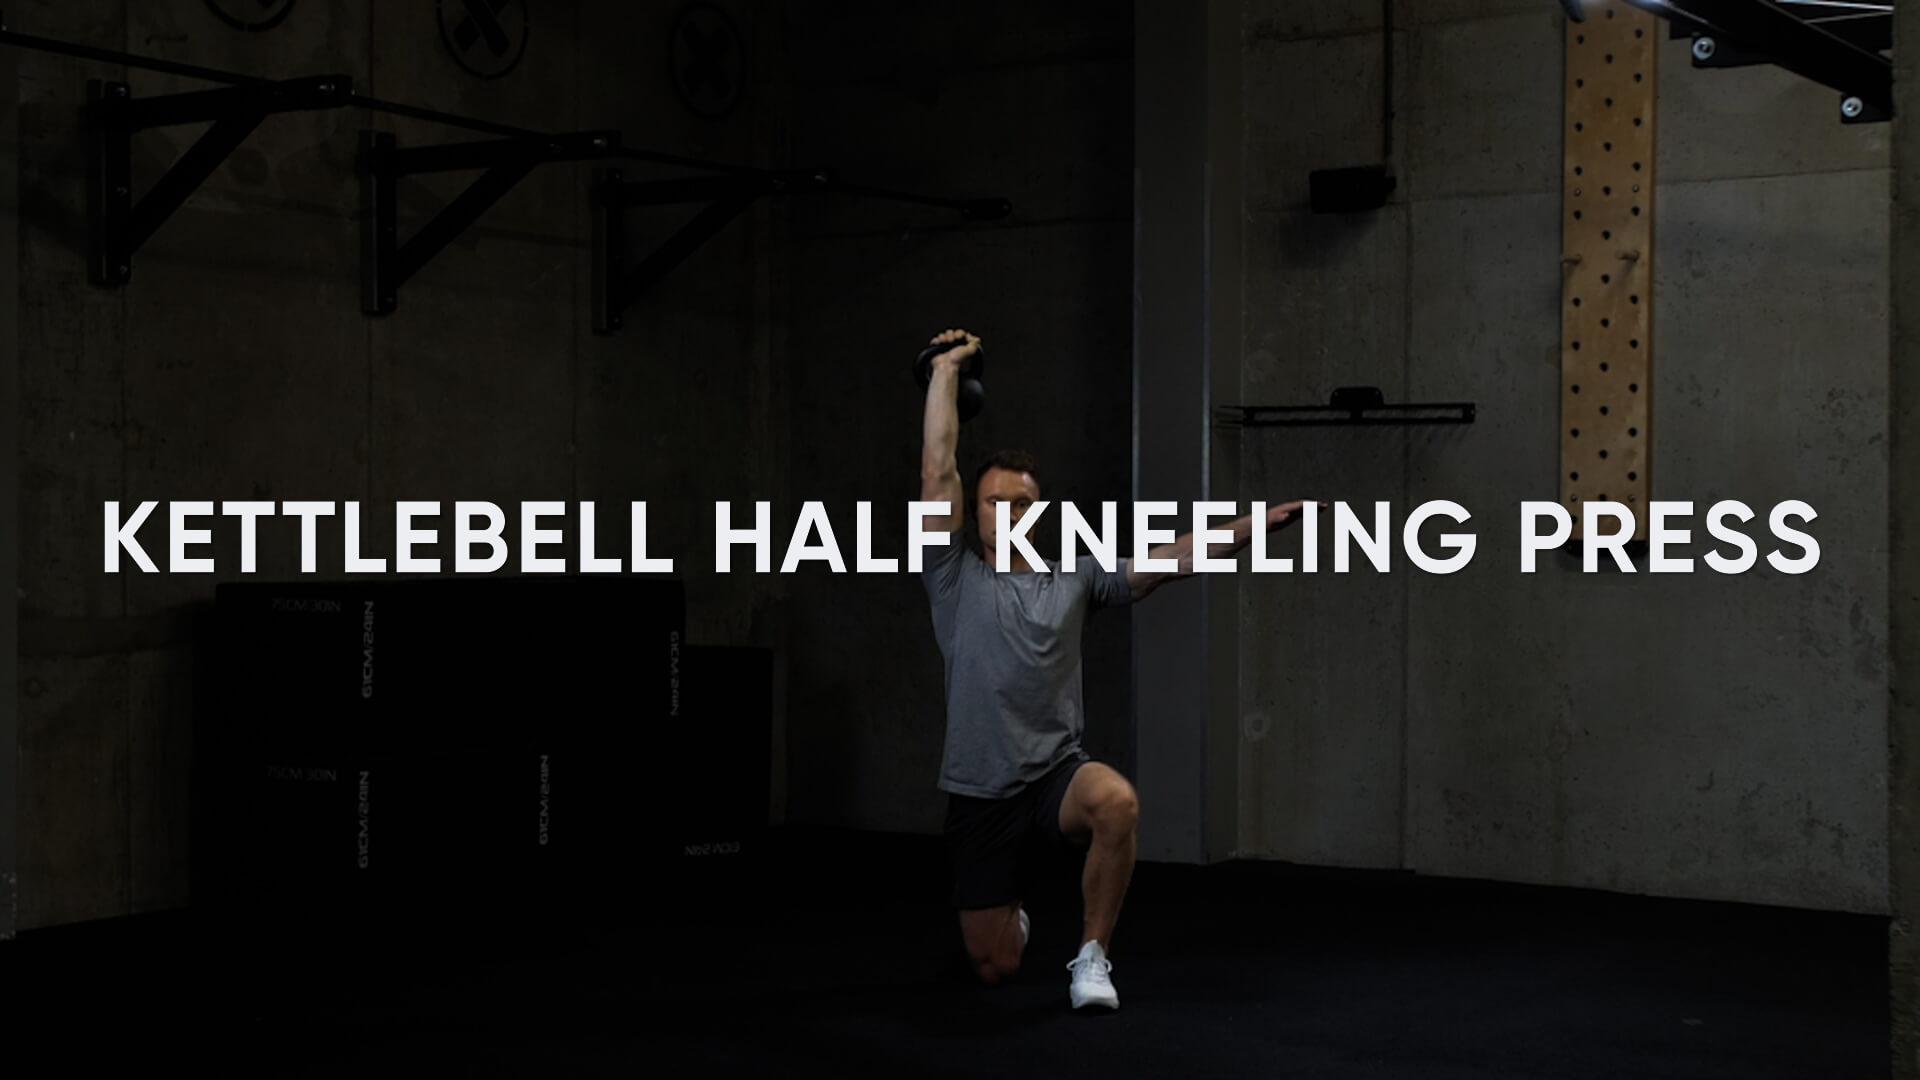 Kettlebell Half Kneeling Press